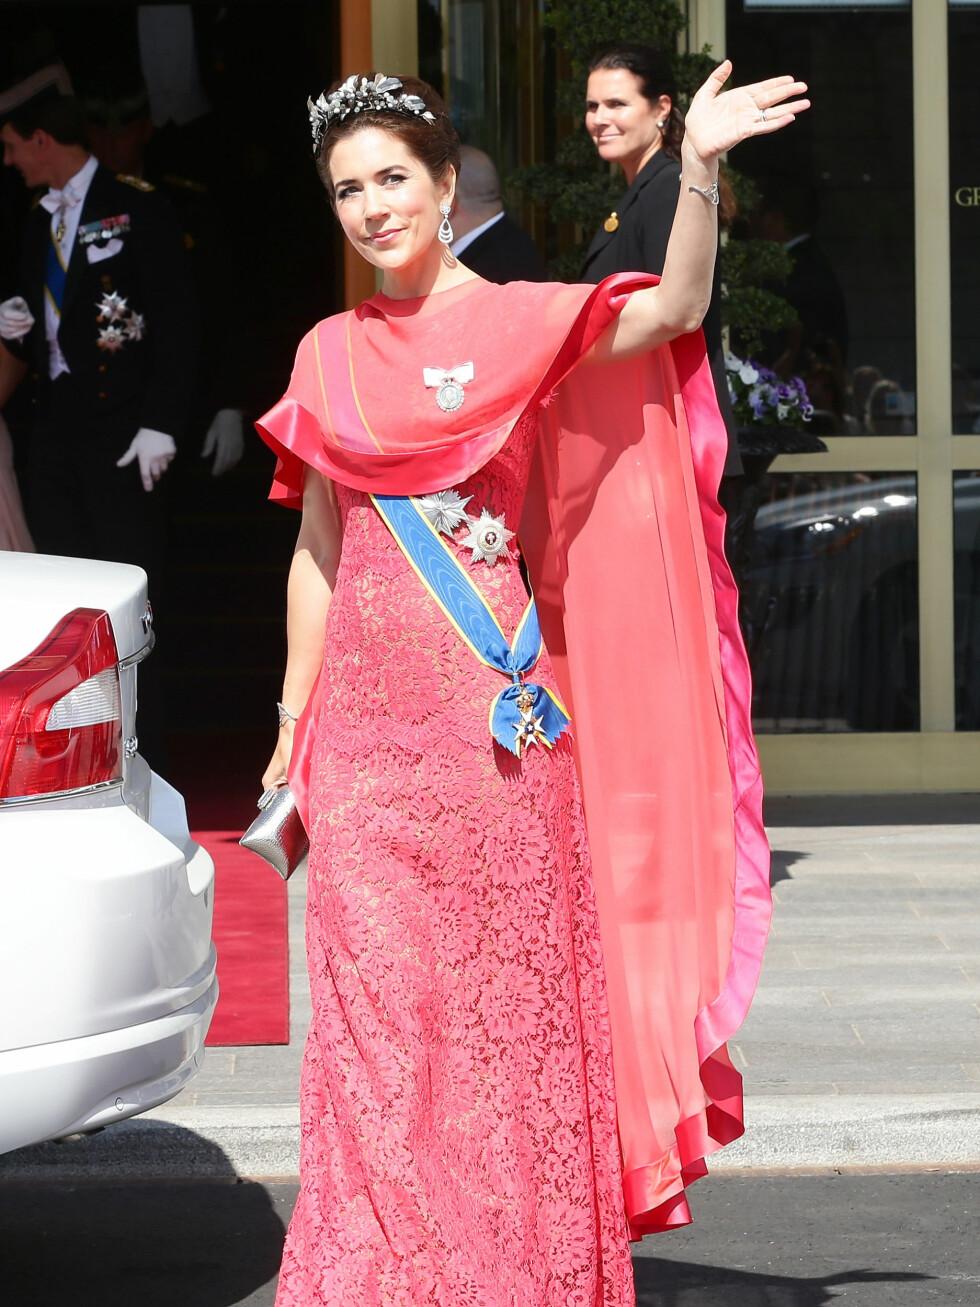 Kronprinsesse Mary fra Danmark.   Foto: All Over Press